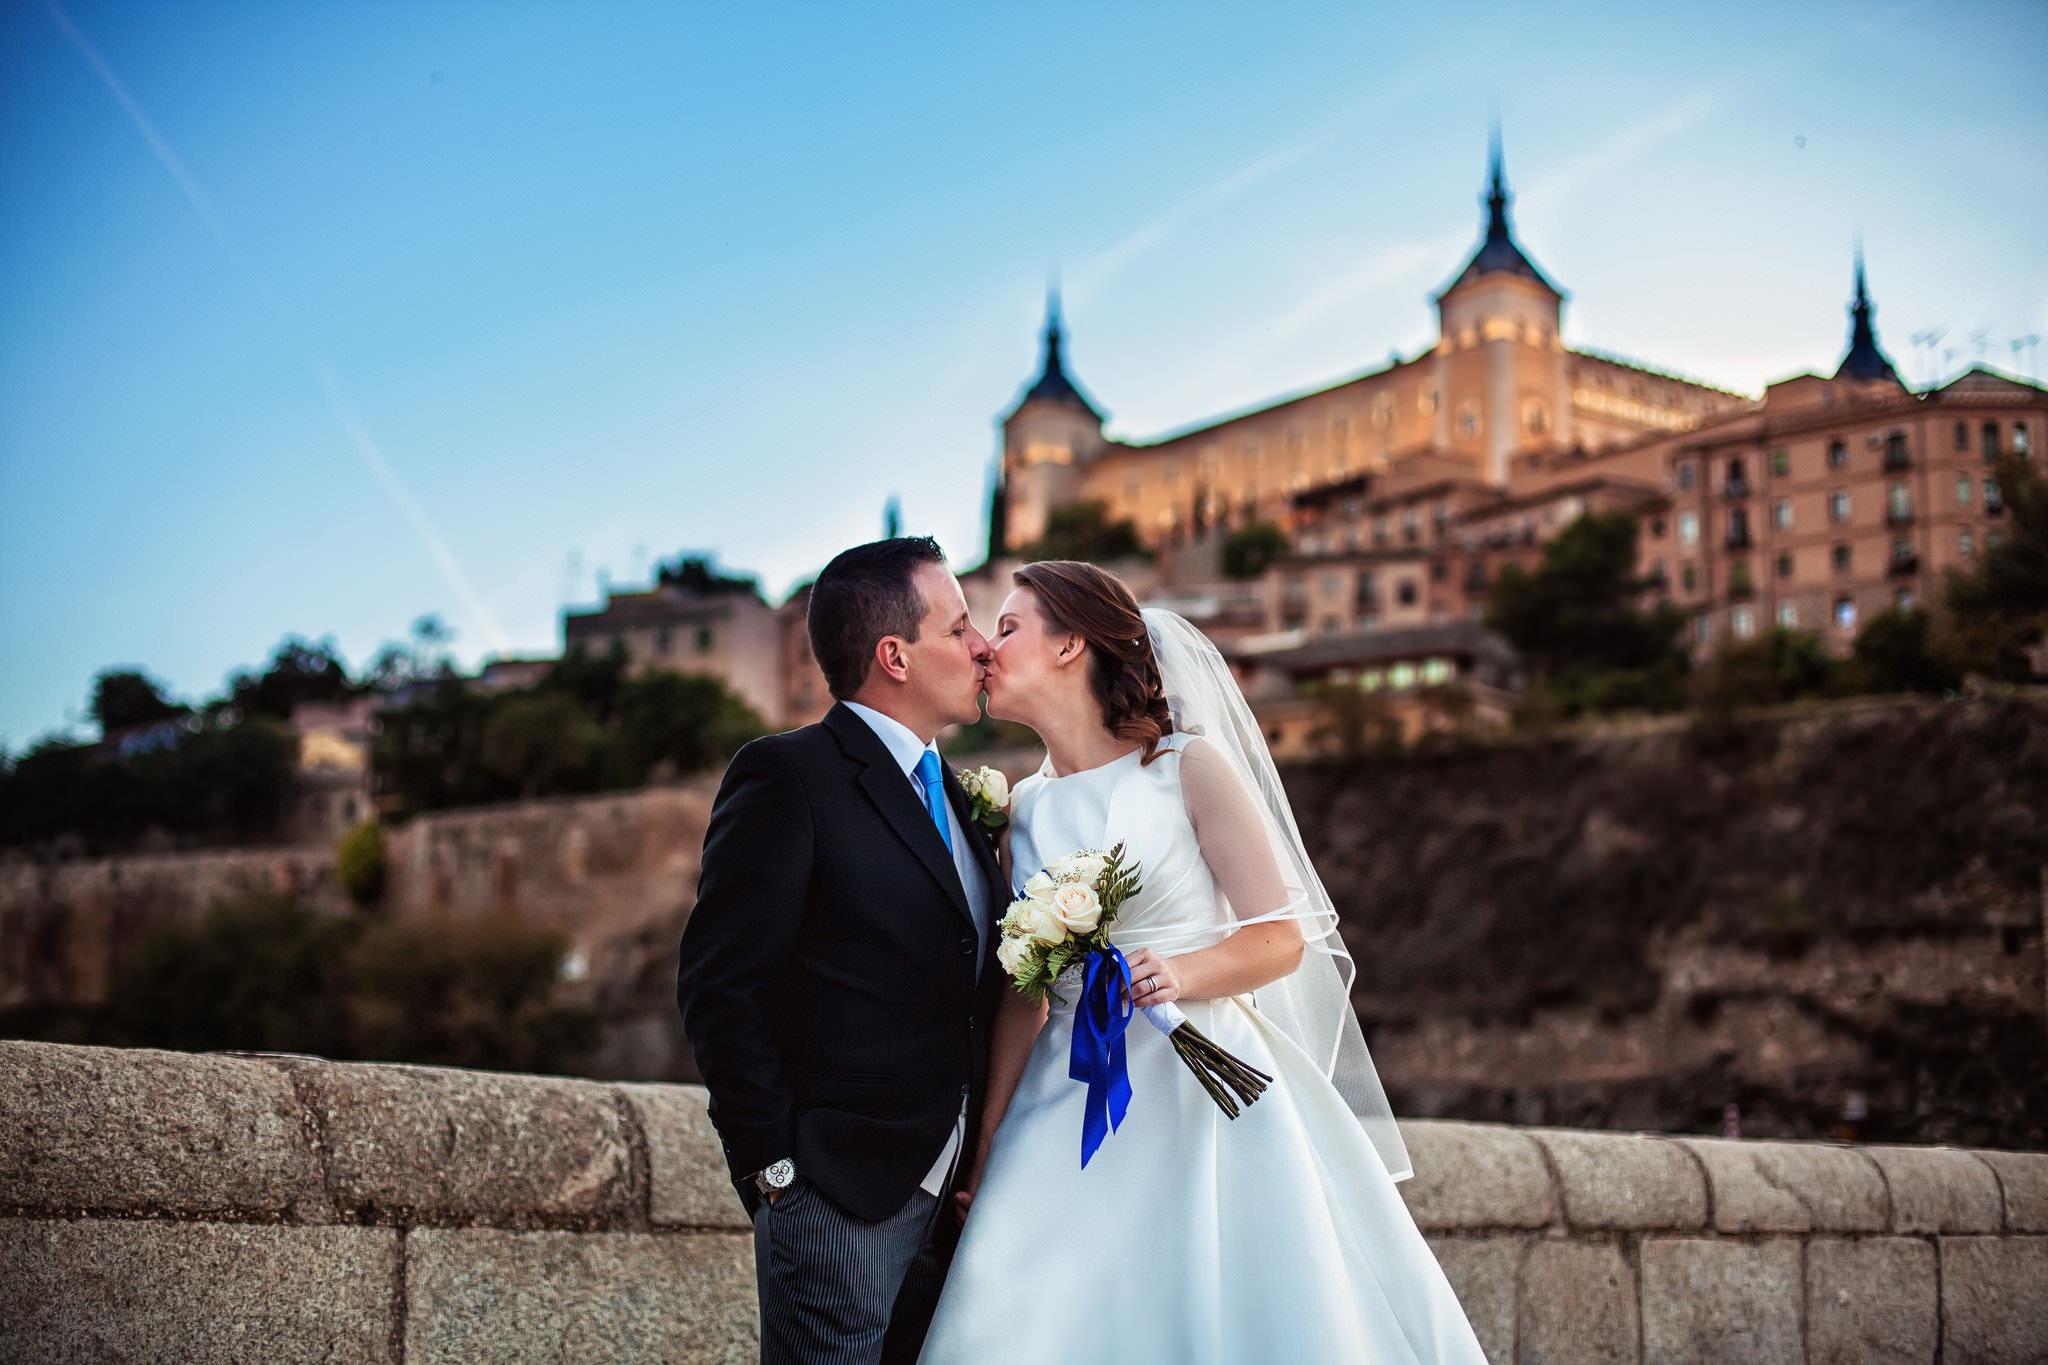 fotograf de nunta, fotograf nunta, fotograf Targoviste, fotograf Ploiesti, fotograf Bucuresti, fotografie de nunta, wedding, fotograf profesionist, foto nunta, poze nunta, fotograf Toledo, fotograf Spania